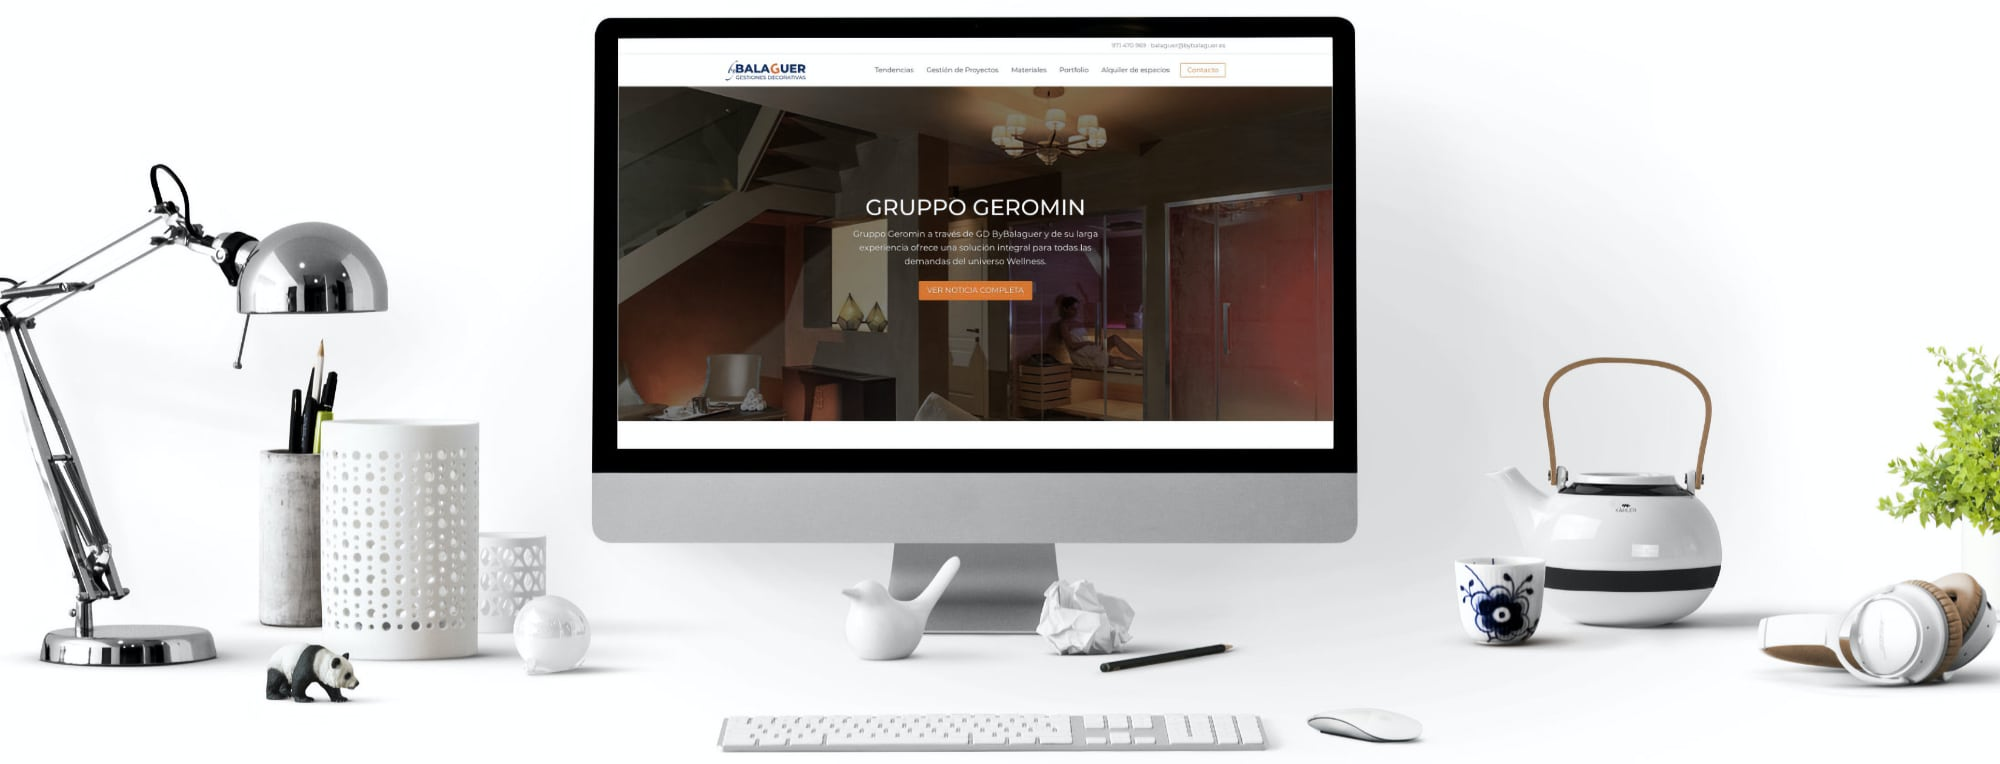 Desarrollo web LaceBot. Imagen de una web creada por Lacebot mostrada en pantalla.